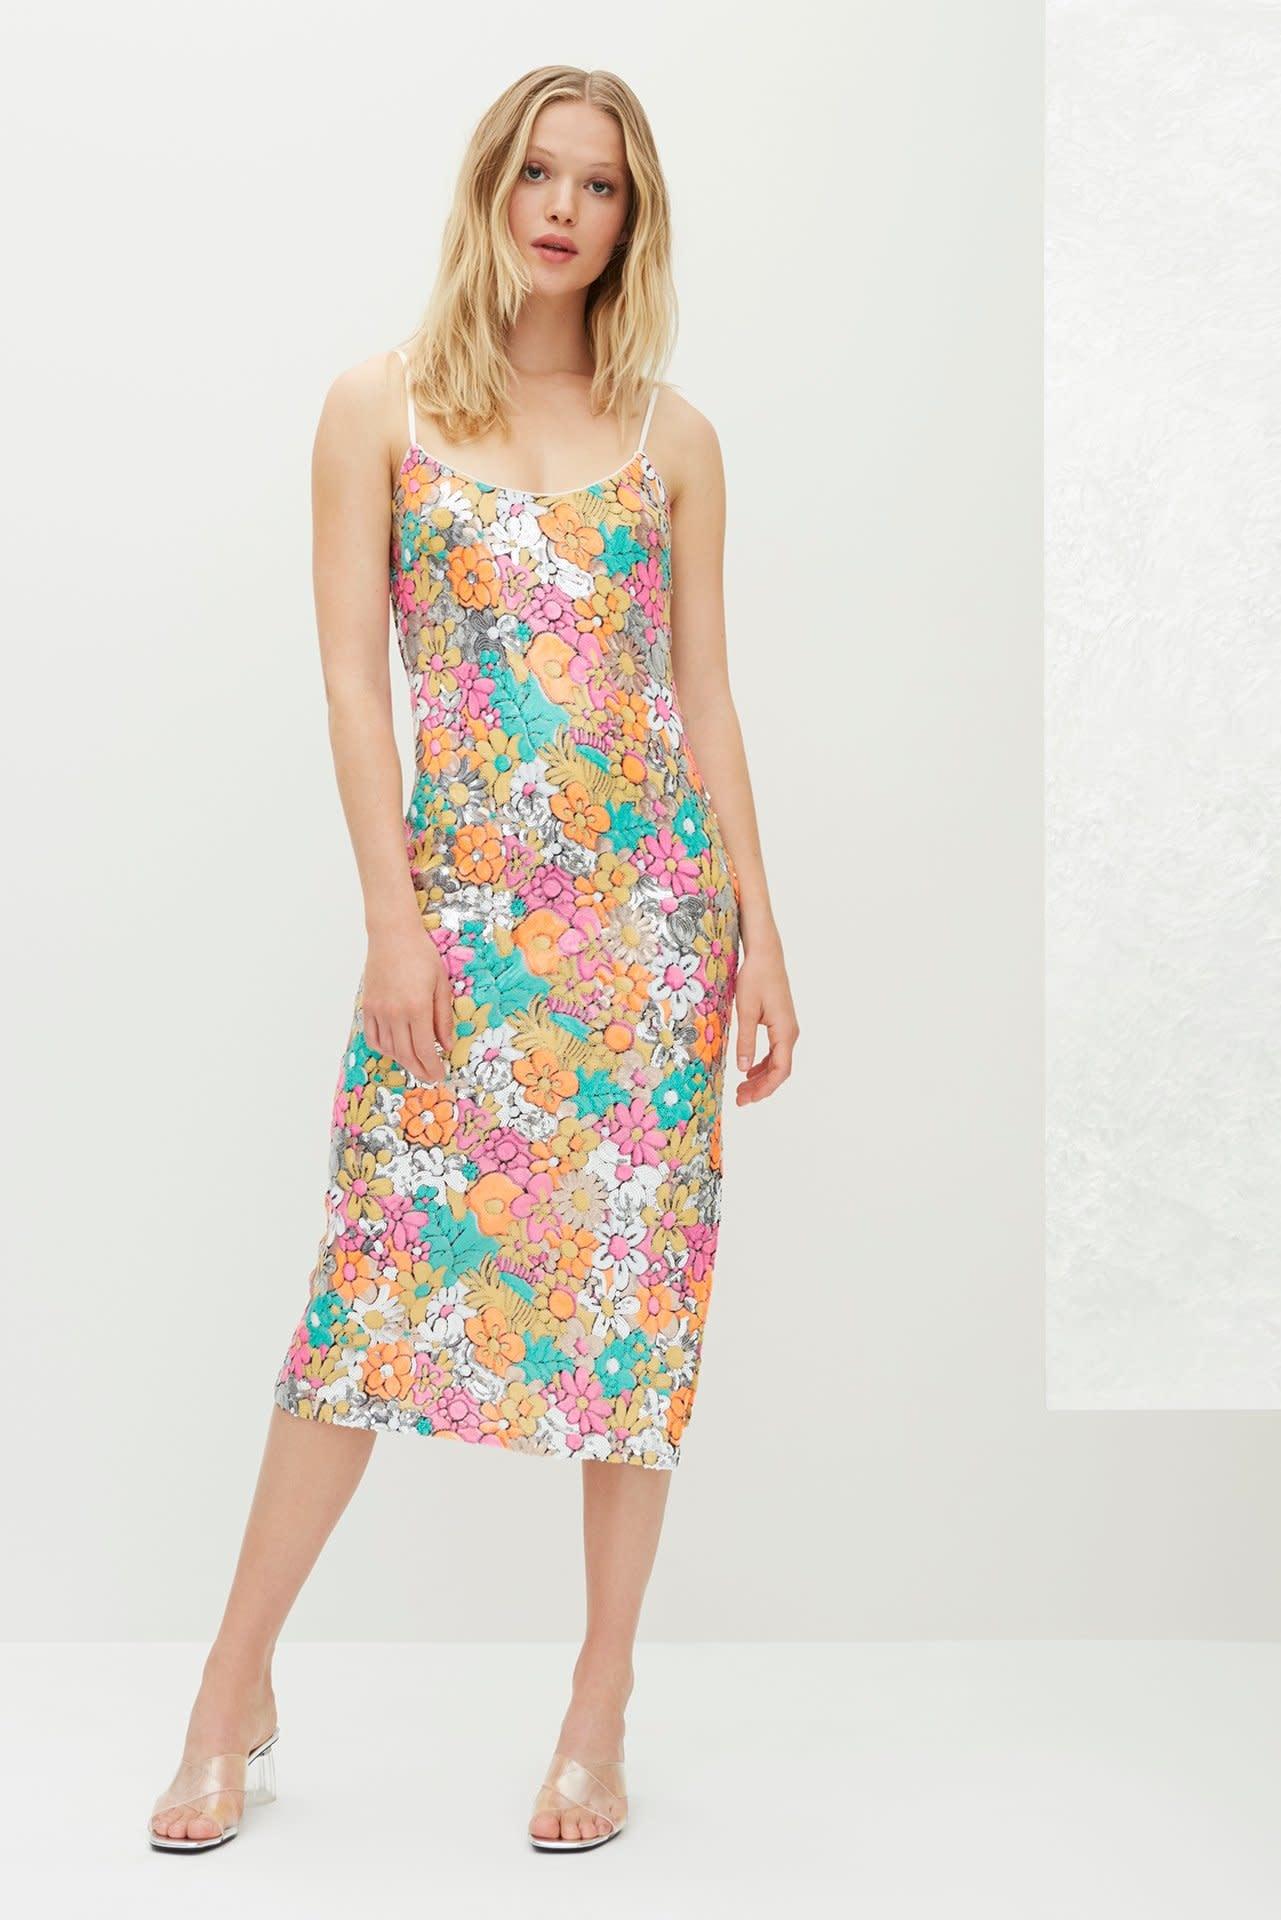 Milly Sequin Annie Dress